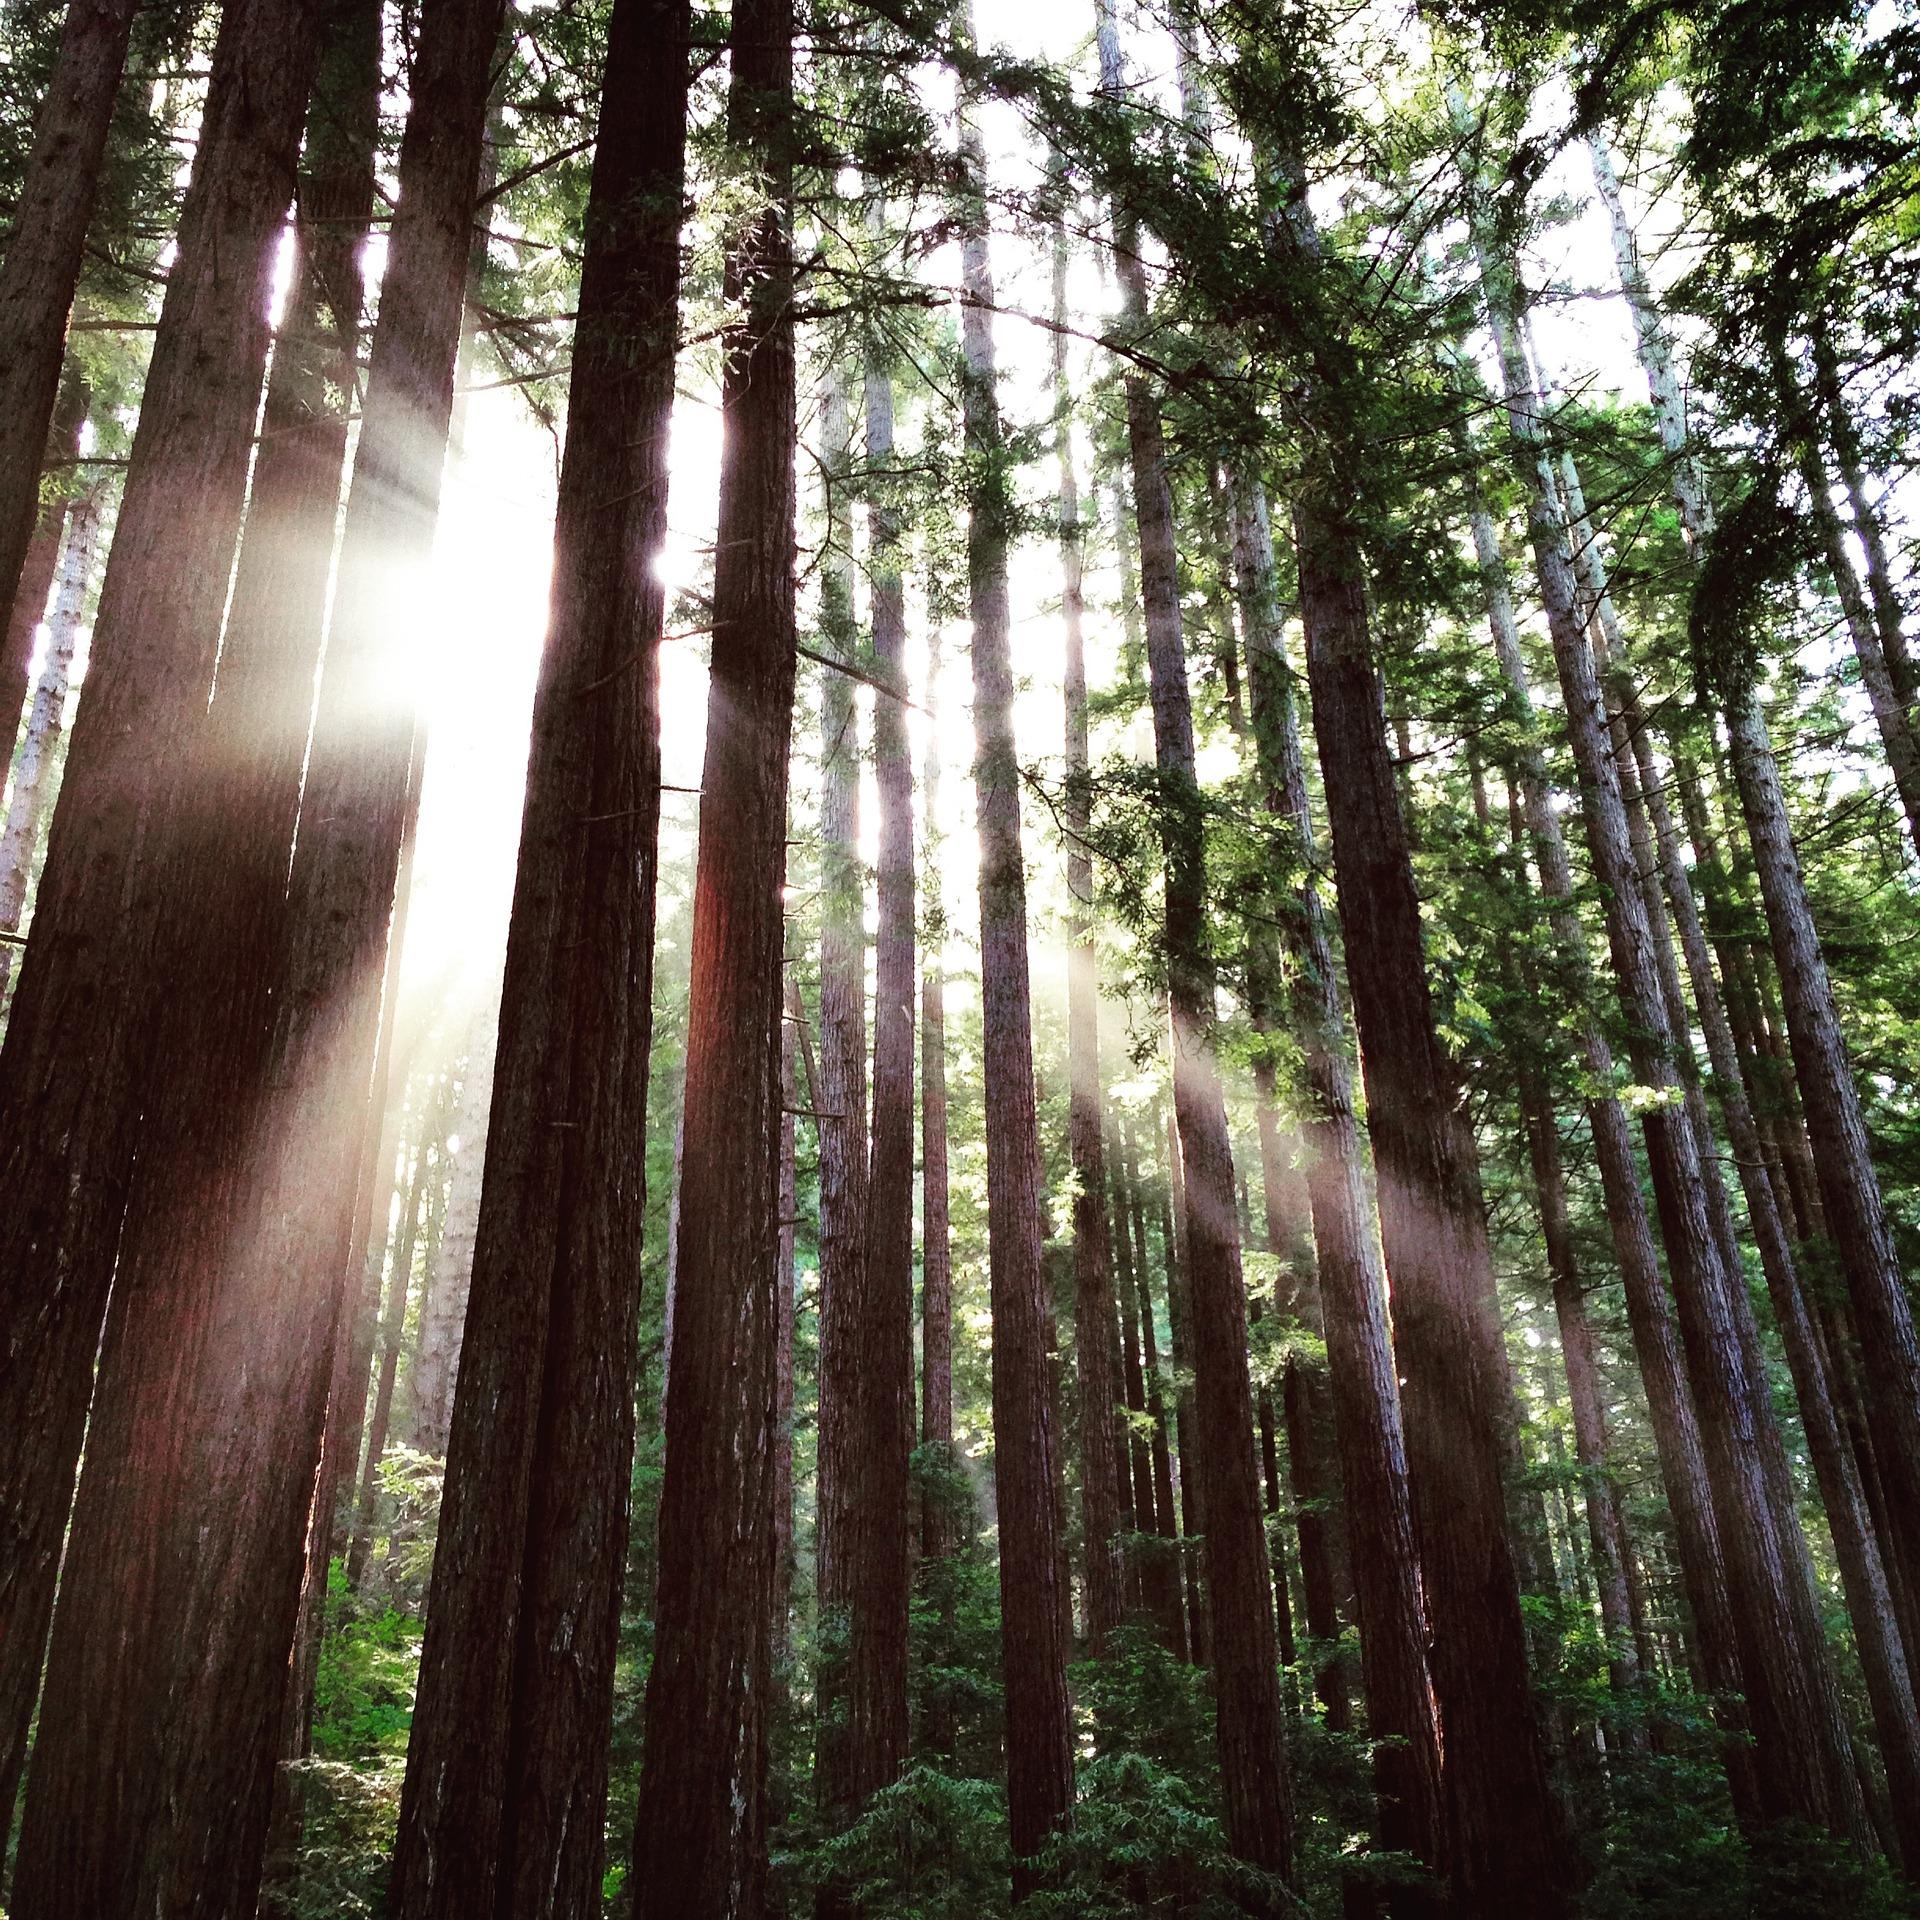 redwoods-1455738_1920.jpg